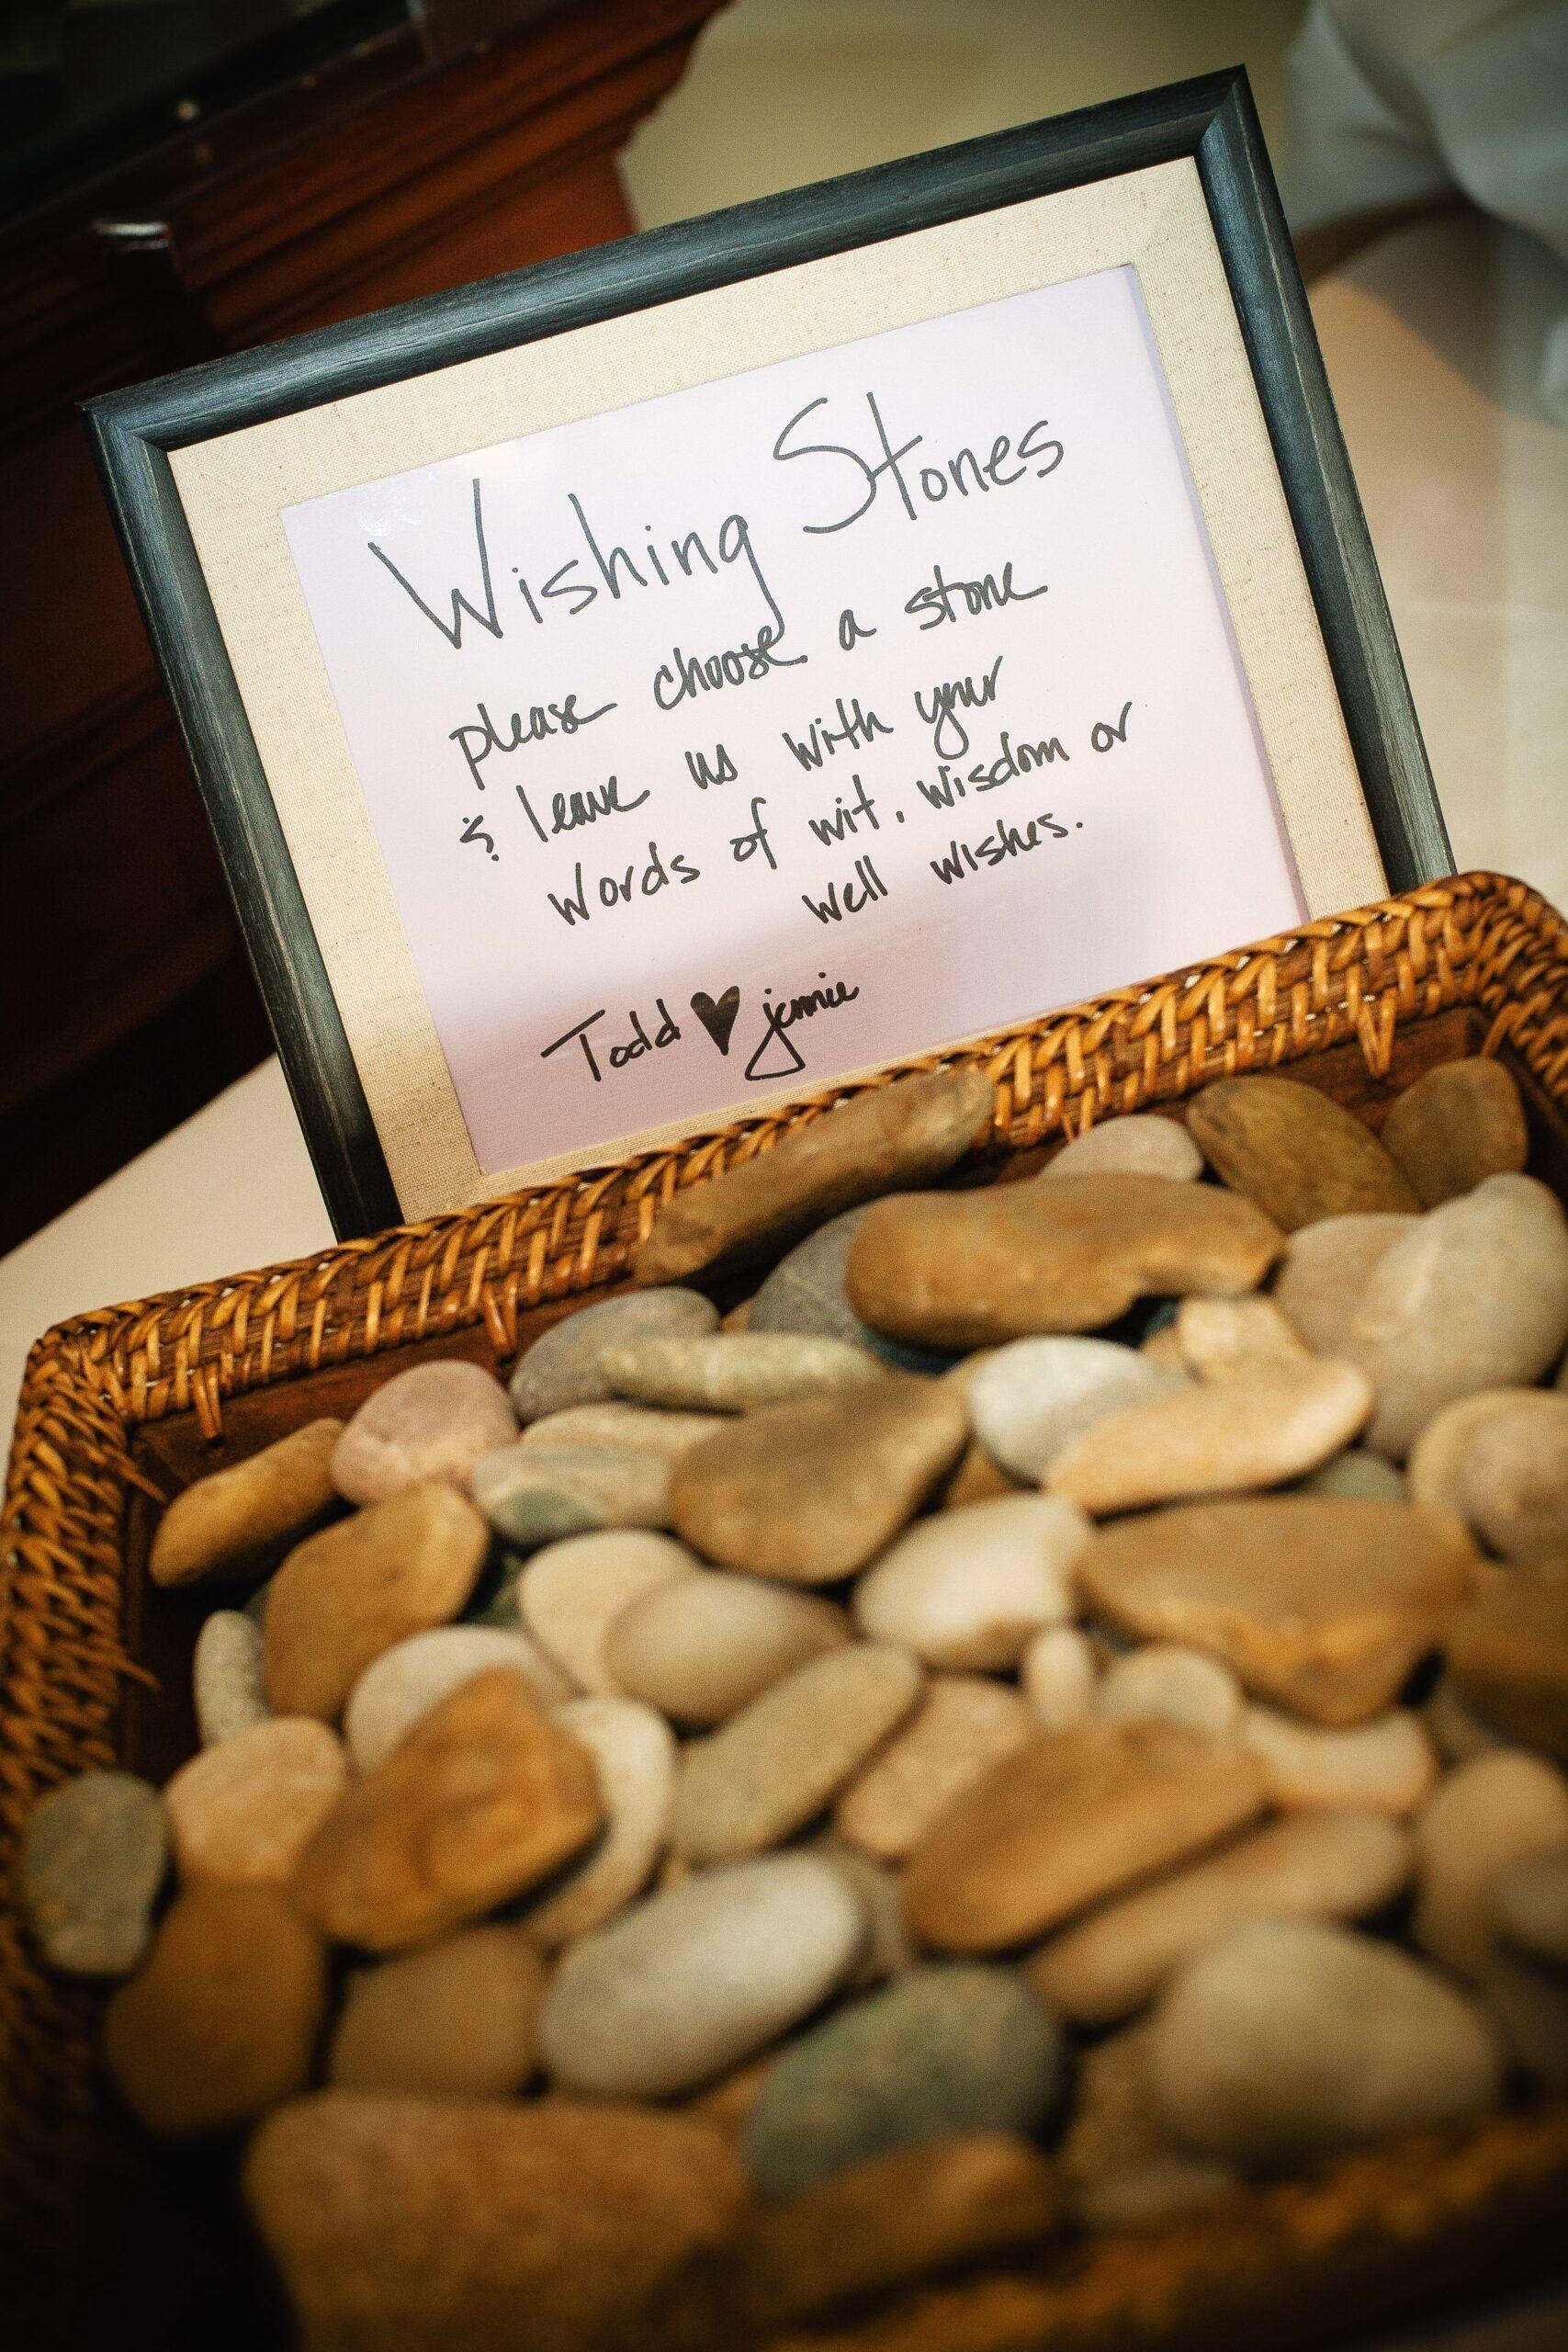 77 Originelle Und Ausgefallene Hochzeitsgeschenke In 2020 Ausgefallene Hochzeitsgeschenke Diy Hochzeitsgeschenk Hochzeitsgeschenk